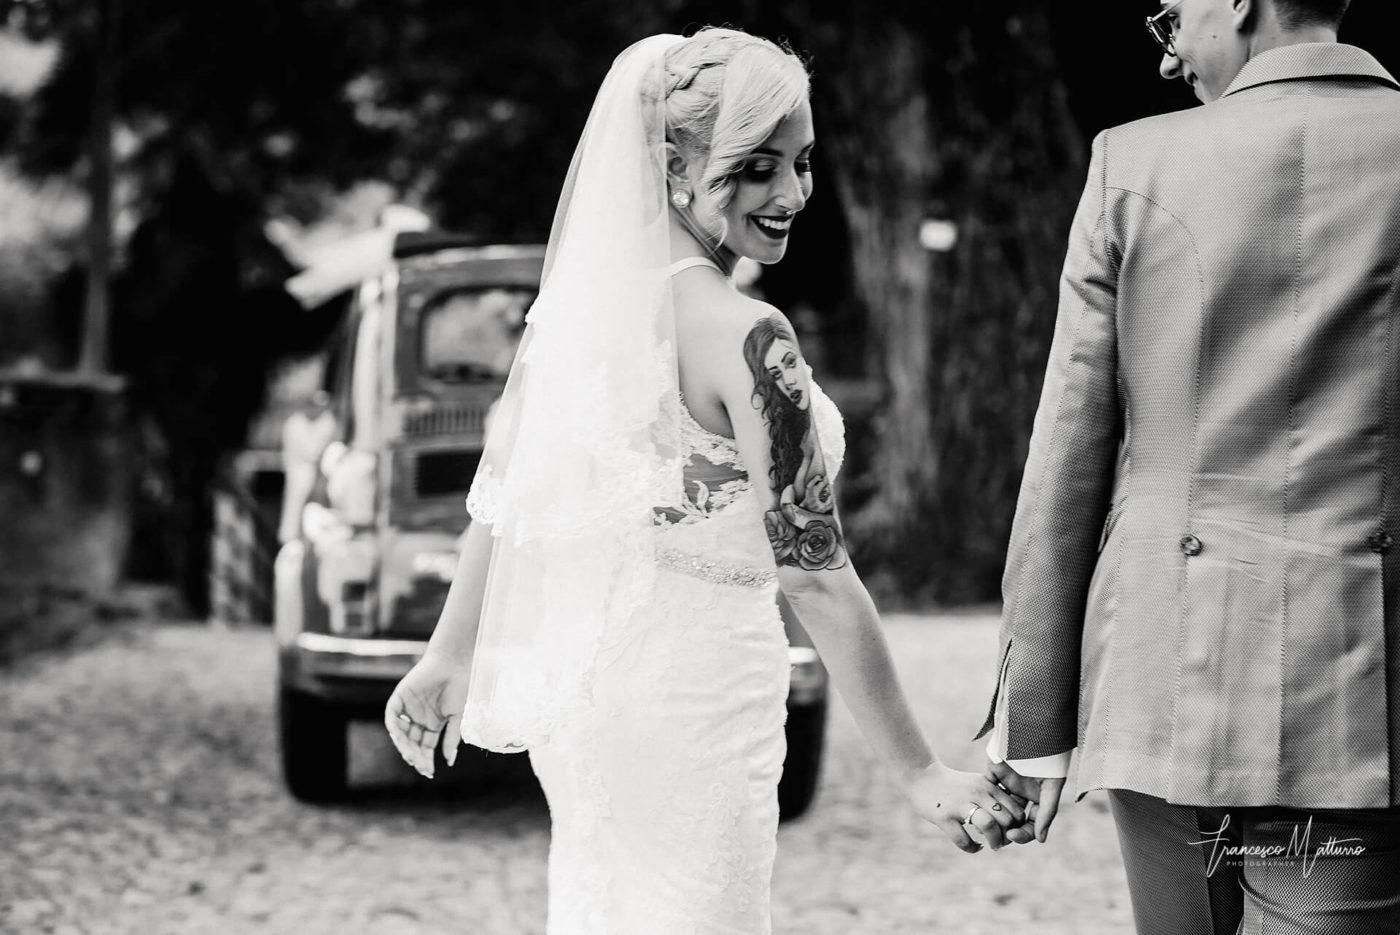 fotografia in bianco e nero di sposi che ti tengono per mano con sullo sfondo una fiat 500 d'epoca la sposa ha un tatuaggio pin up di Francesco Matturro